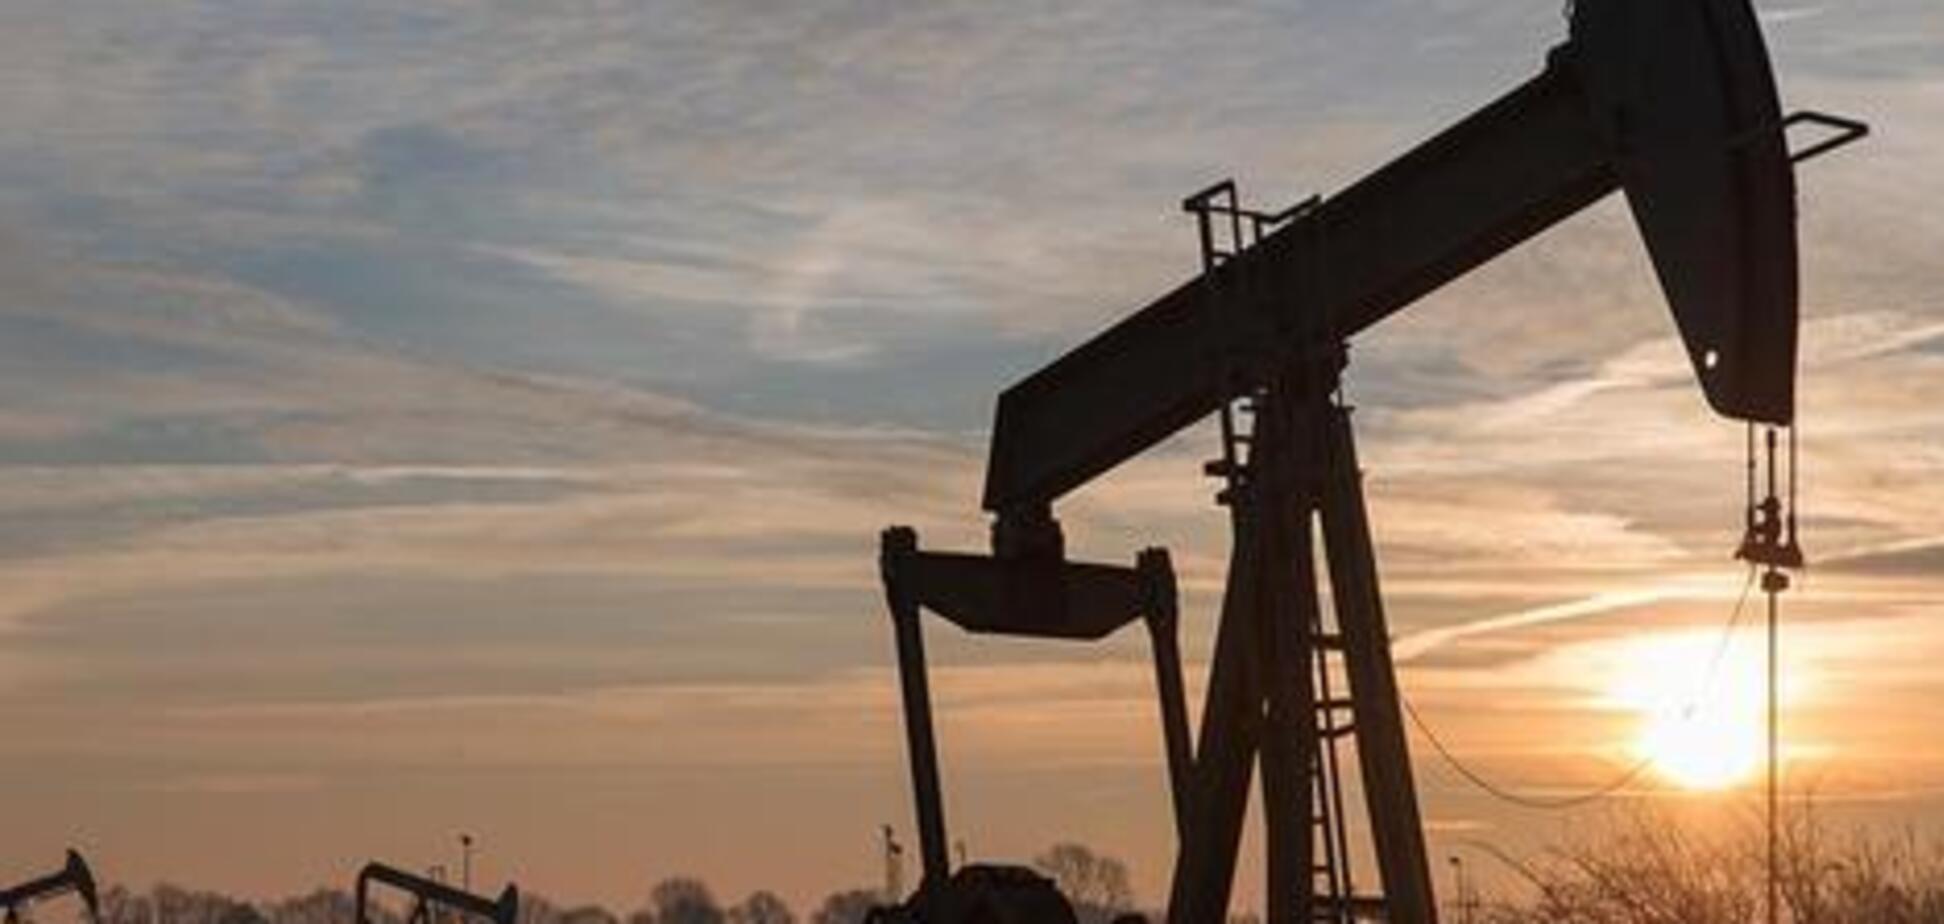 Войны в Персидском заливе: что будет с ценами на нефть